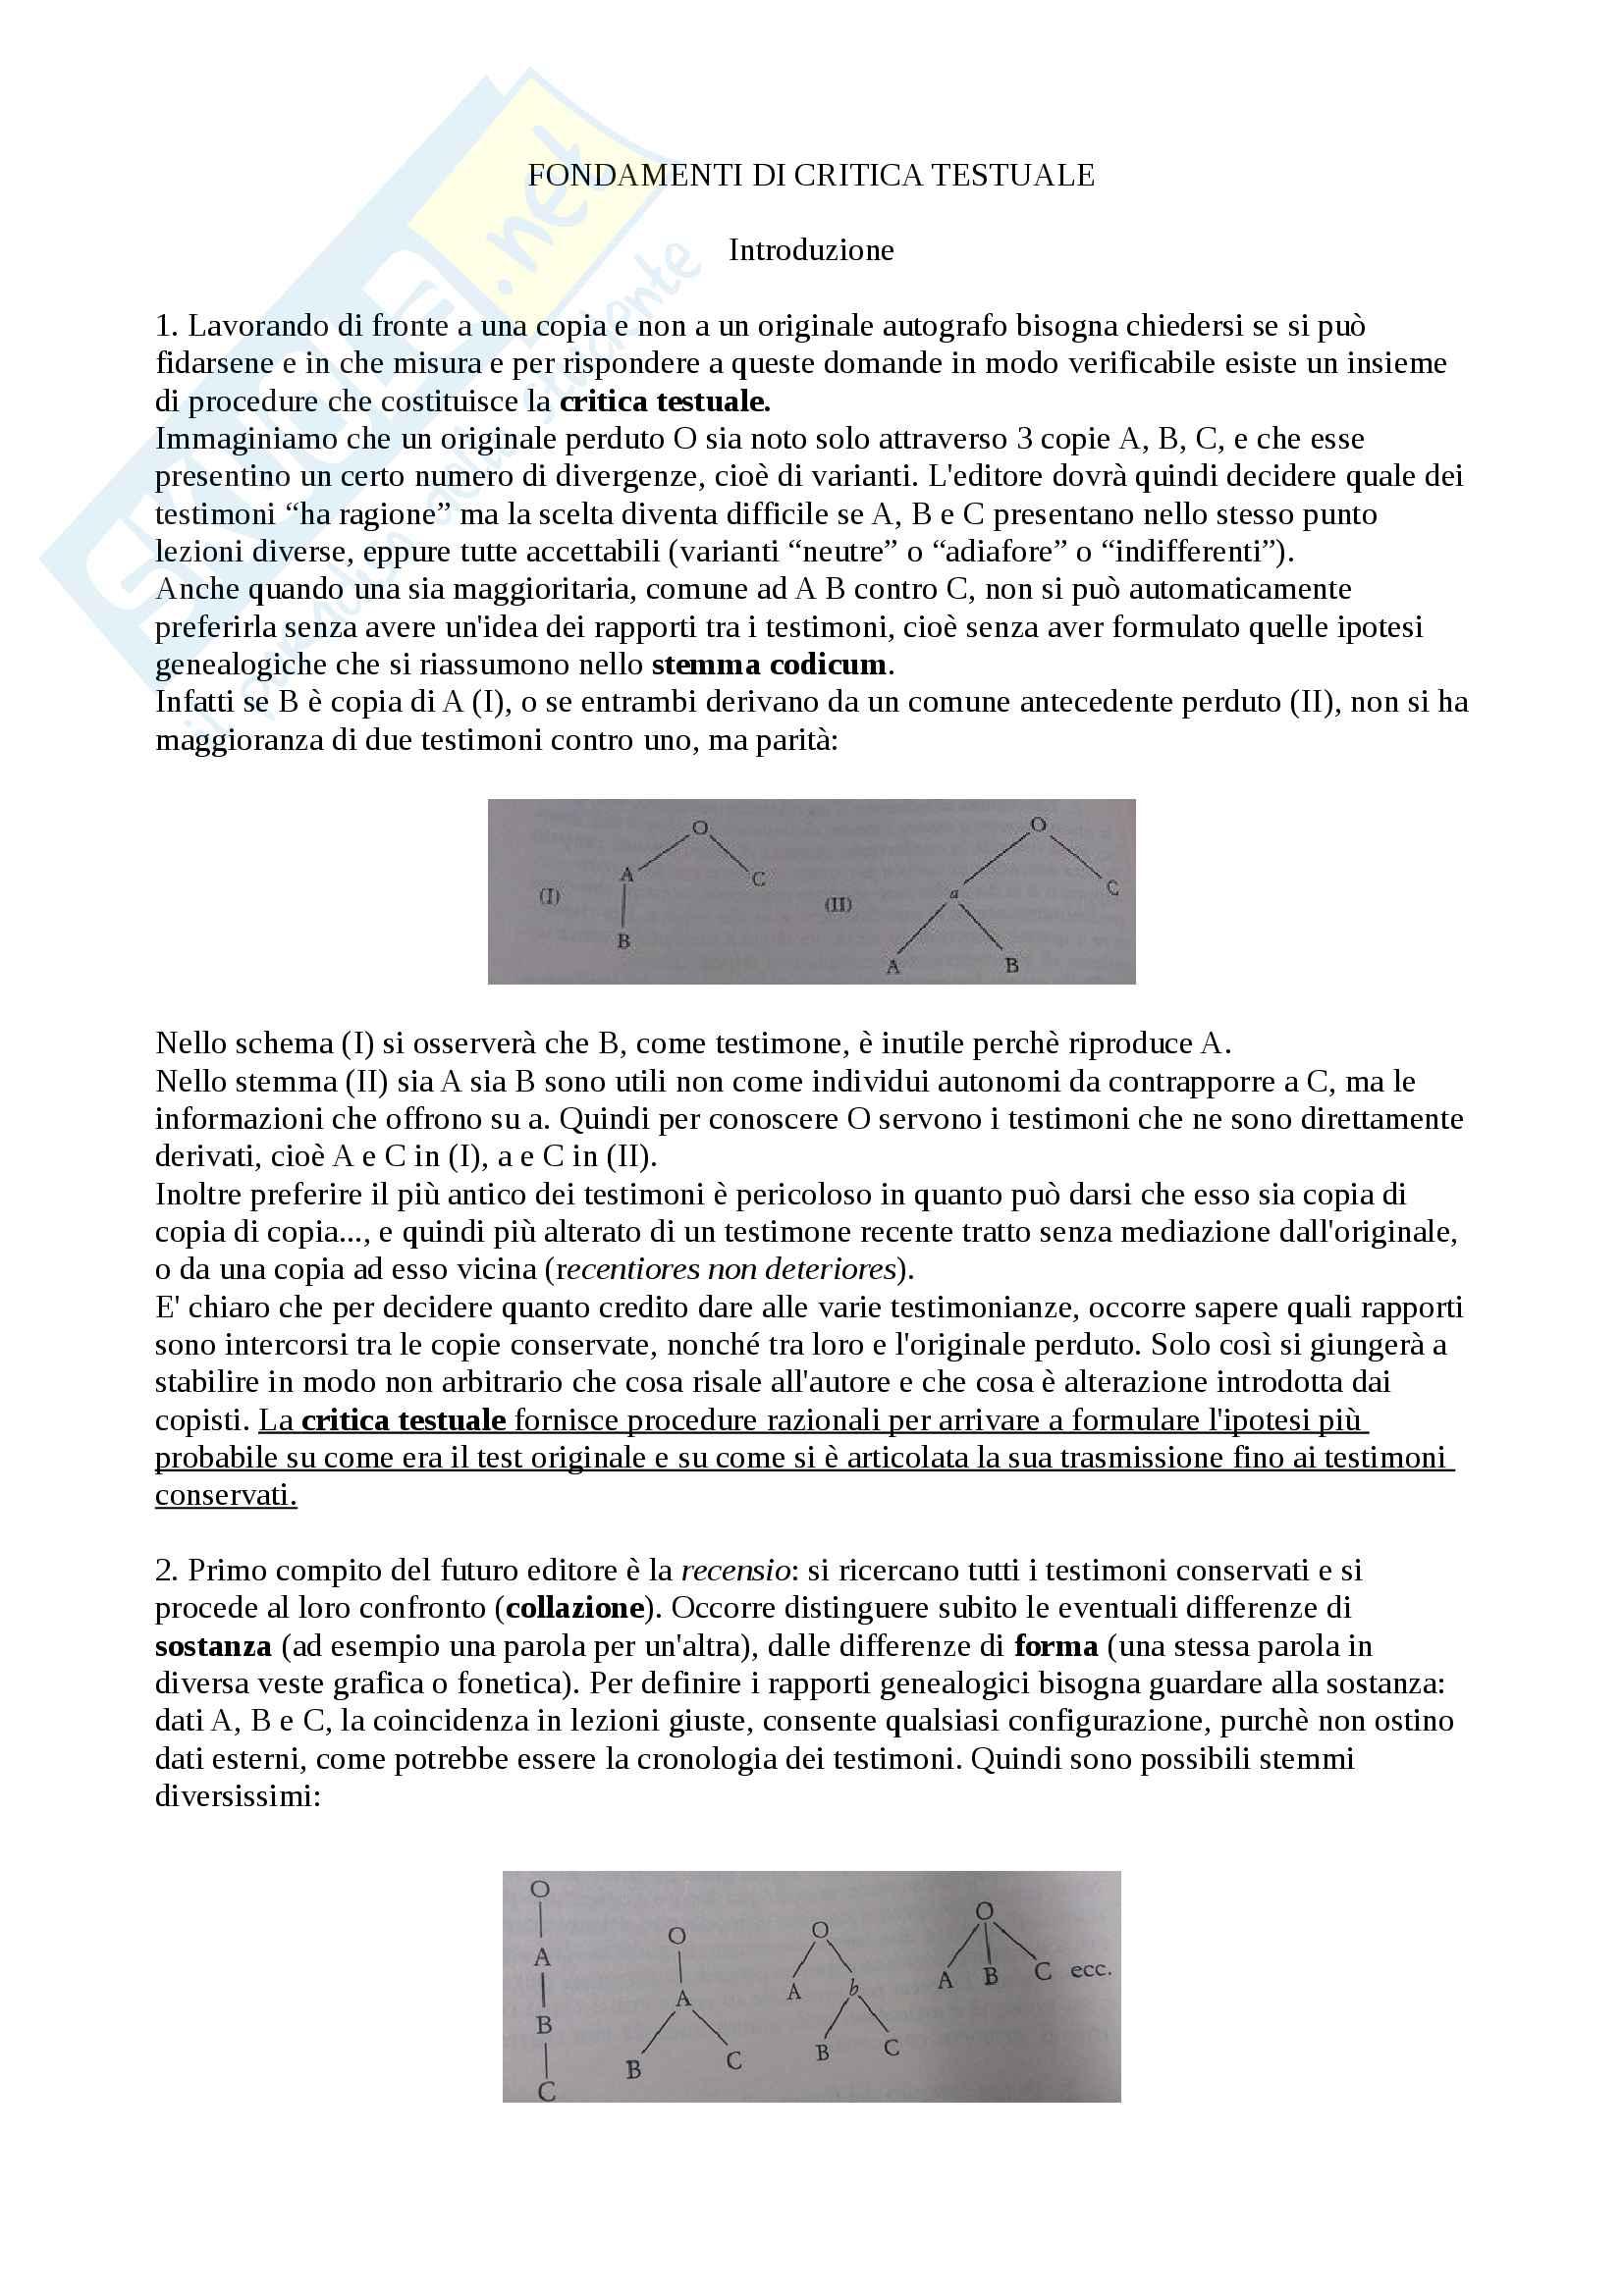 Riassunto esame Filologia Italiana, docente Lorenzi Cristiano, libro consigliato Fondamenti di Critica Testuale, Stussi